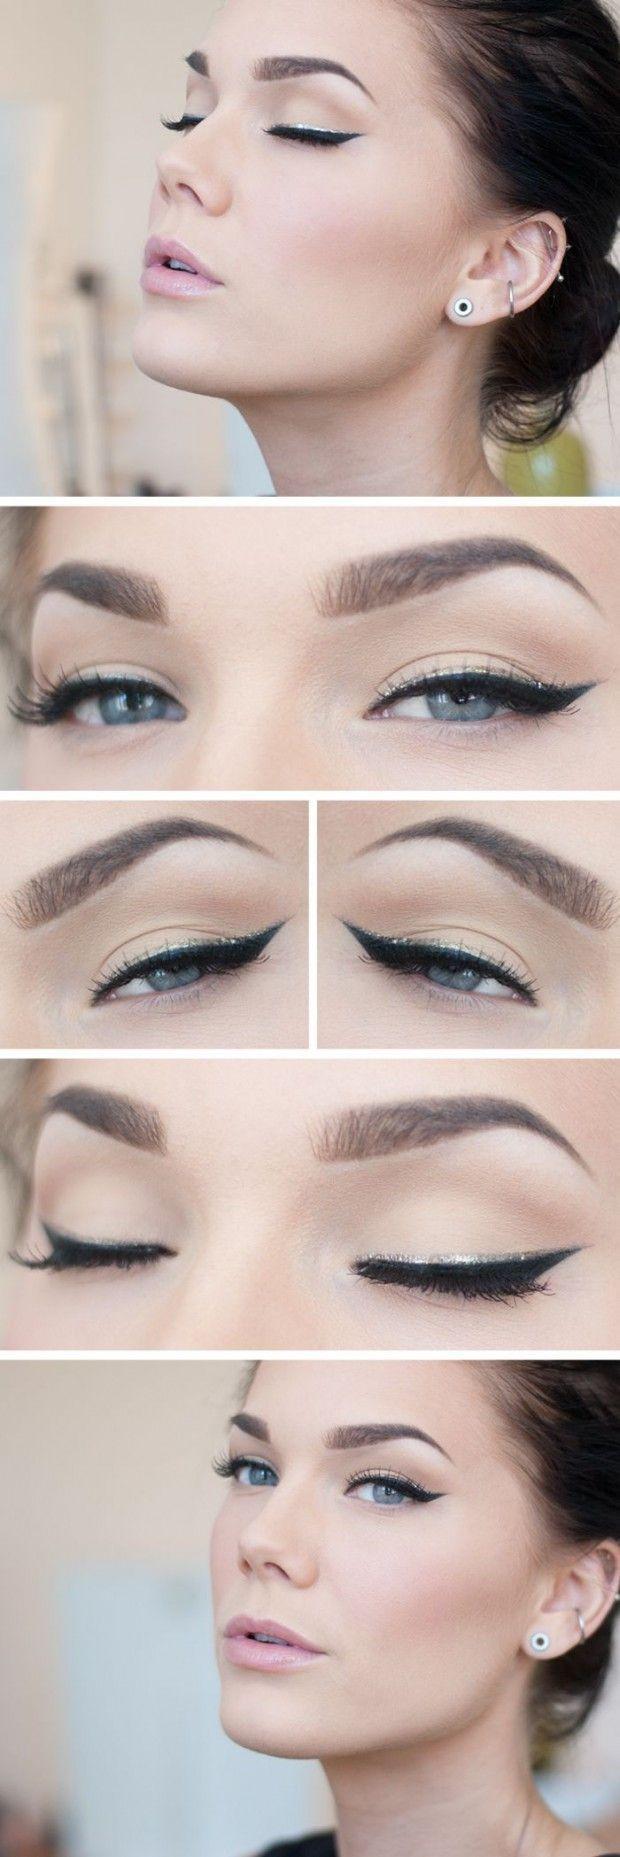 23 gorgeous eye makeup tutorials #makeup #eyeshadow #eyeliner #beauty #tutorial http://www.stylemotivation.com/23-gorgeous-eye-makeup-tutorials/